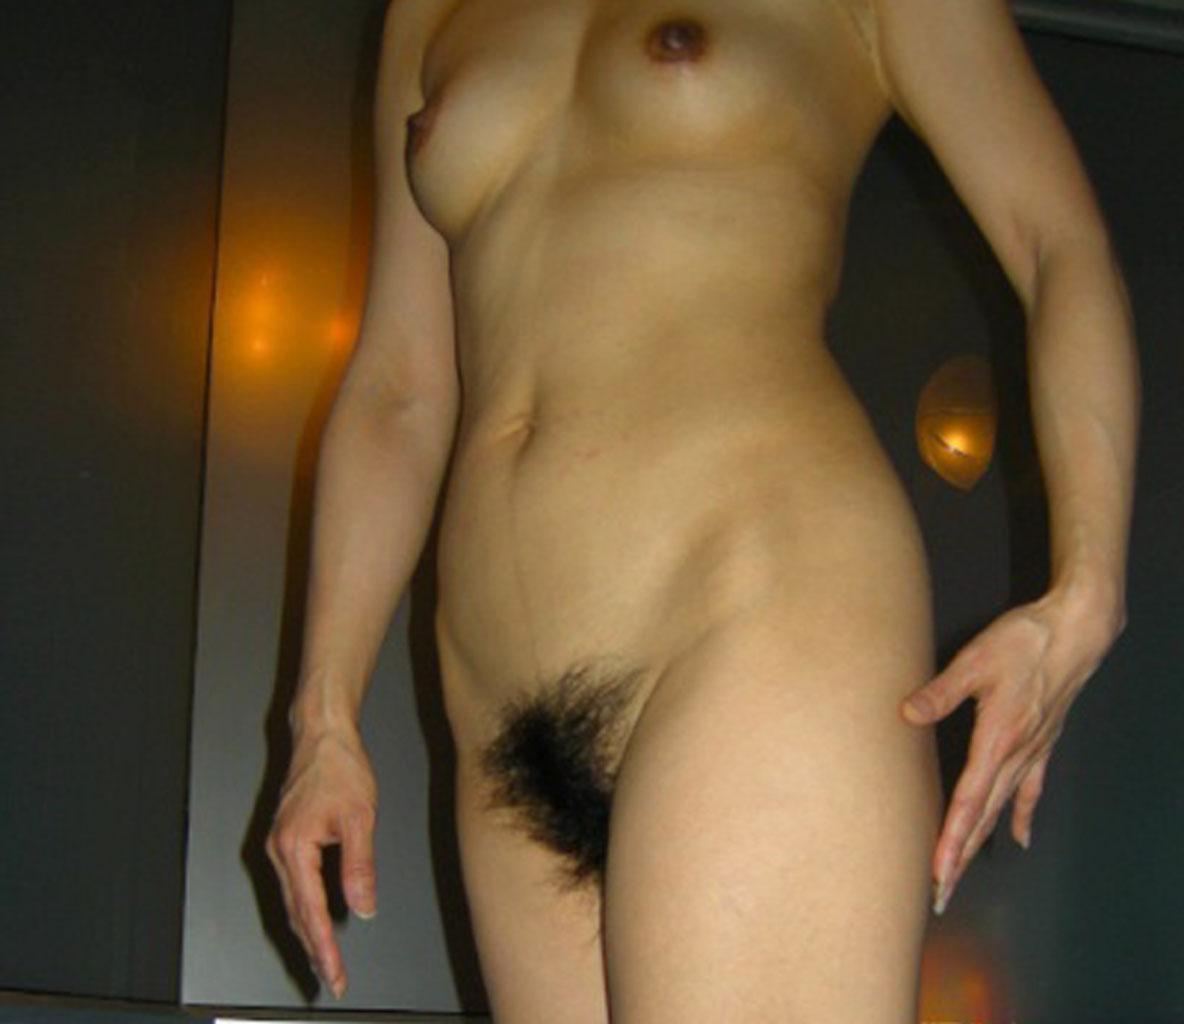 M字開脚でお股広げたりお尻突き出したりしておまんこ見せてくれる人妻熟女のエロ画像 2213